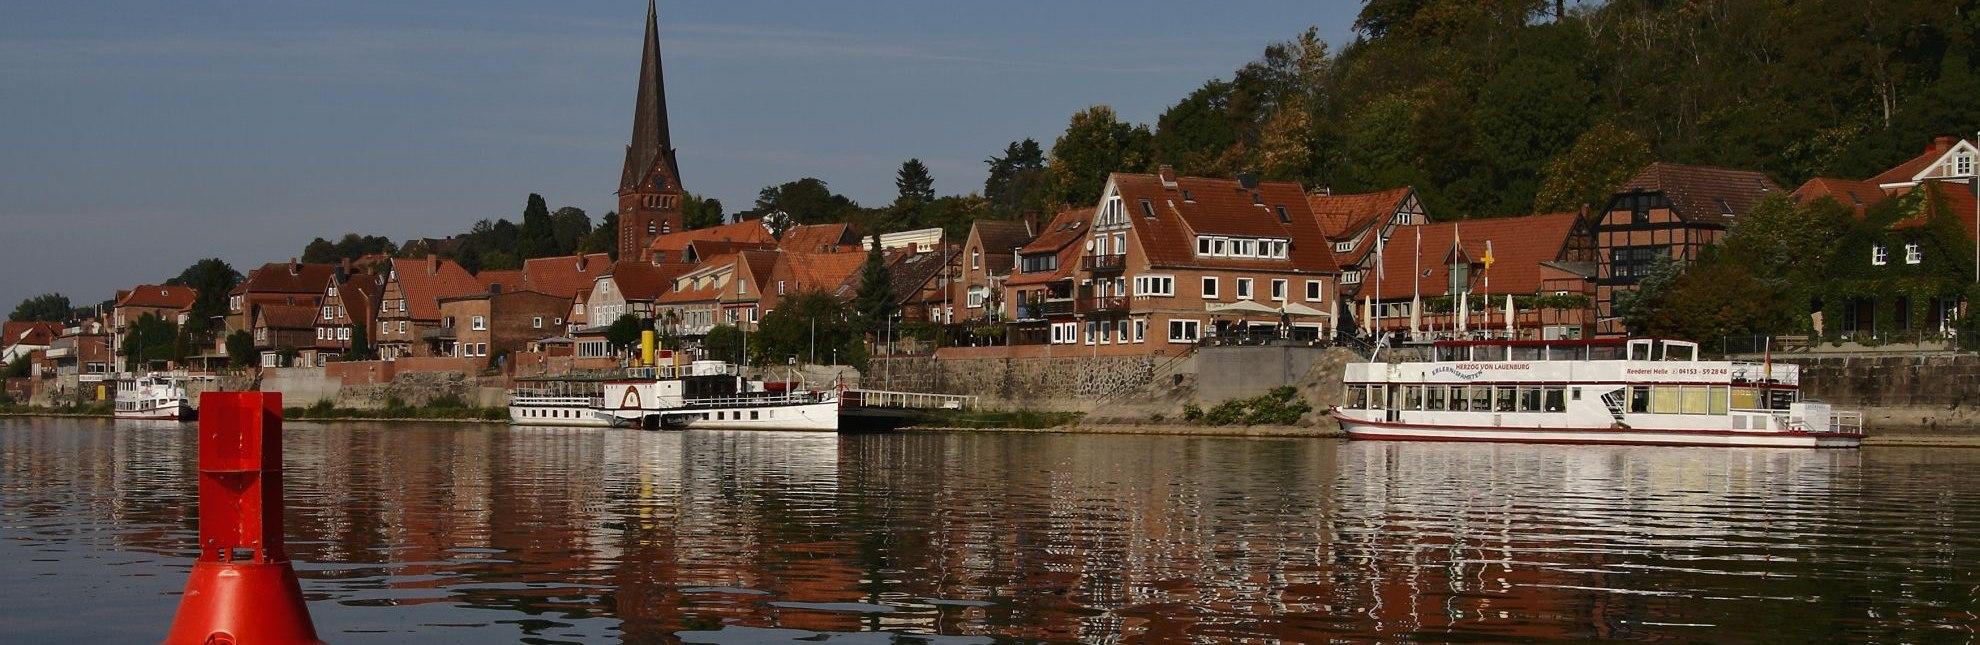 Altstadt an der Elbe mit Raddampfer Kaiser Wilhelm und Herzog von Lauenburg, Lauenburg, © Jens Demuth